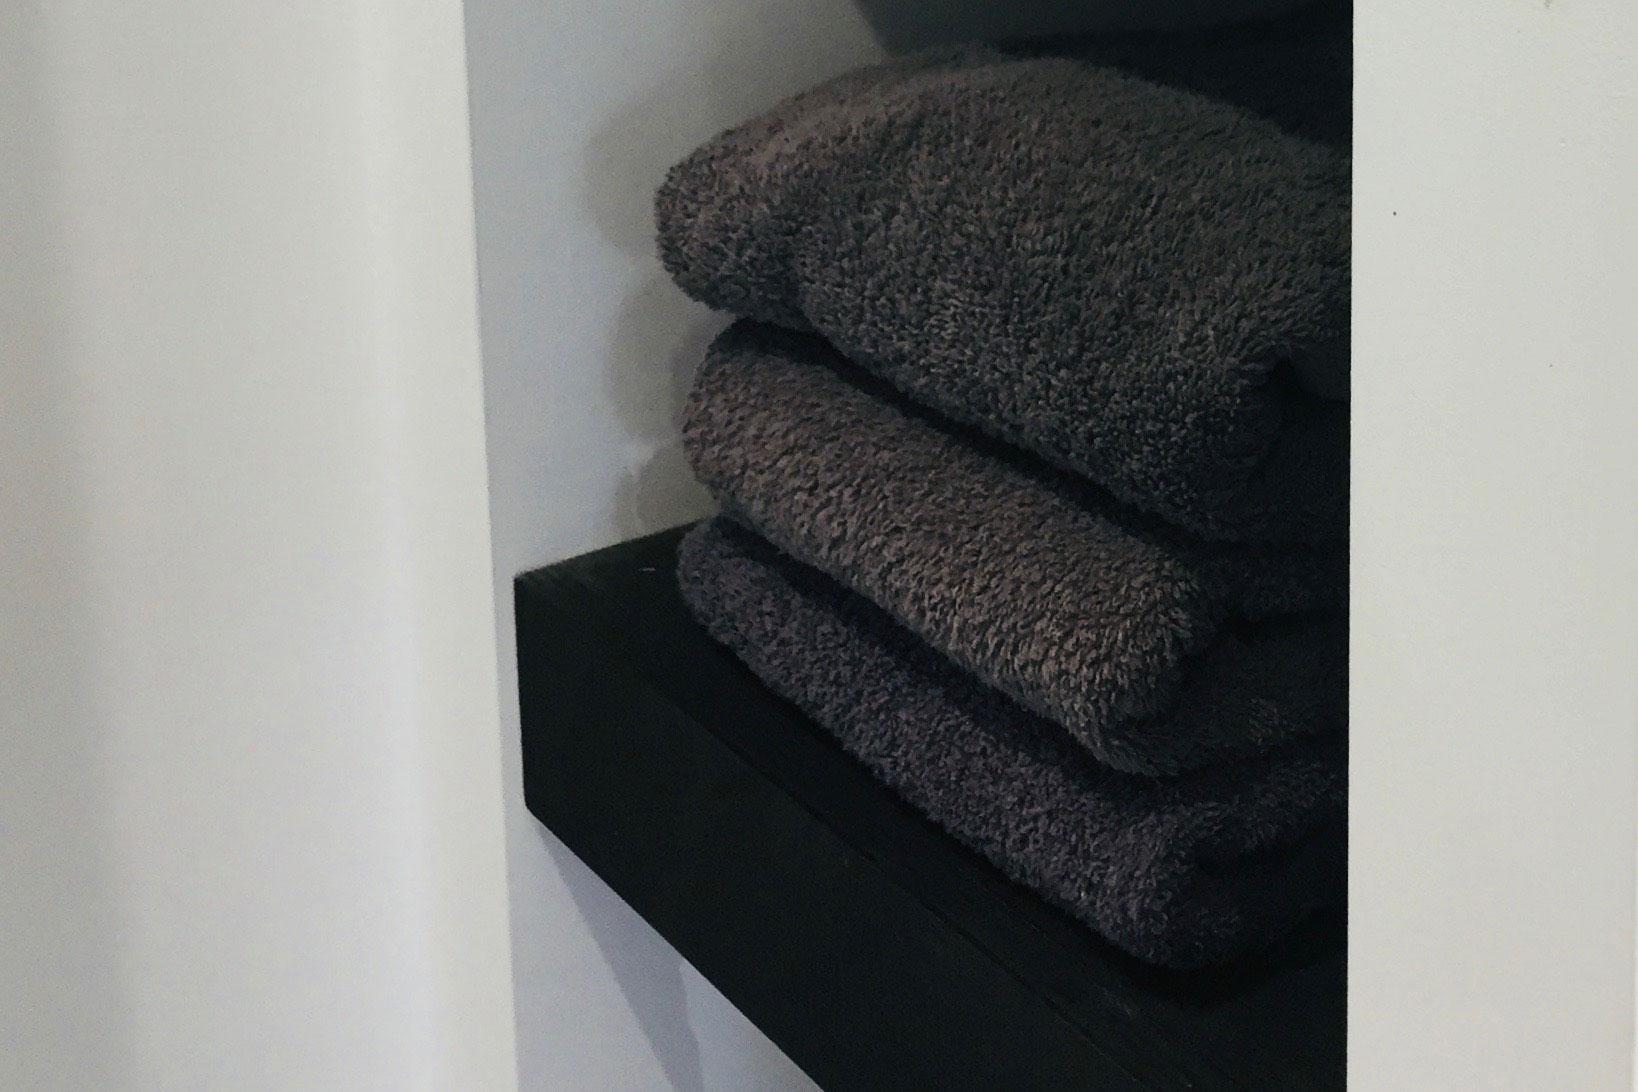 Sauna Handdoek Hema.Wanddampkappen Zwarte Handdoeken